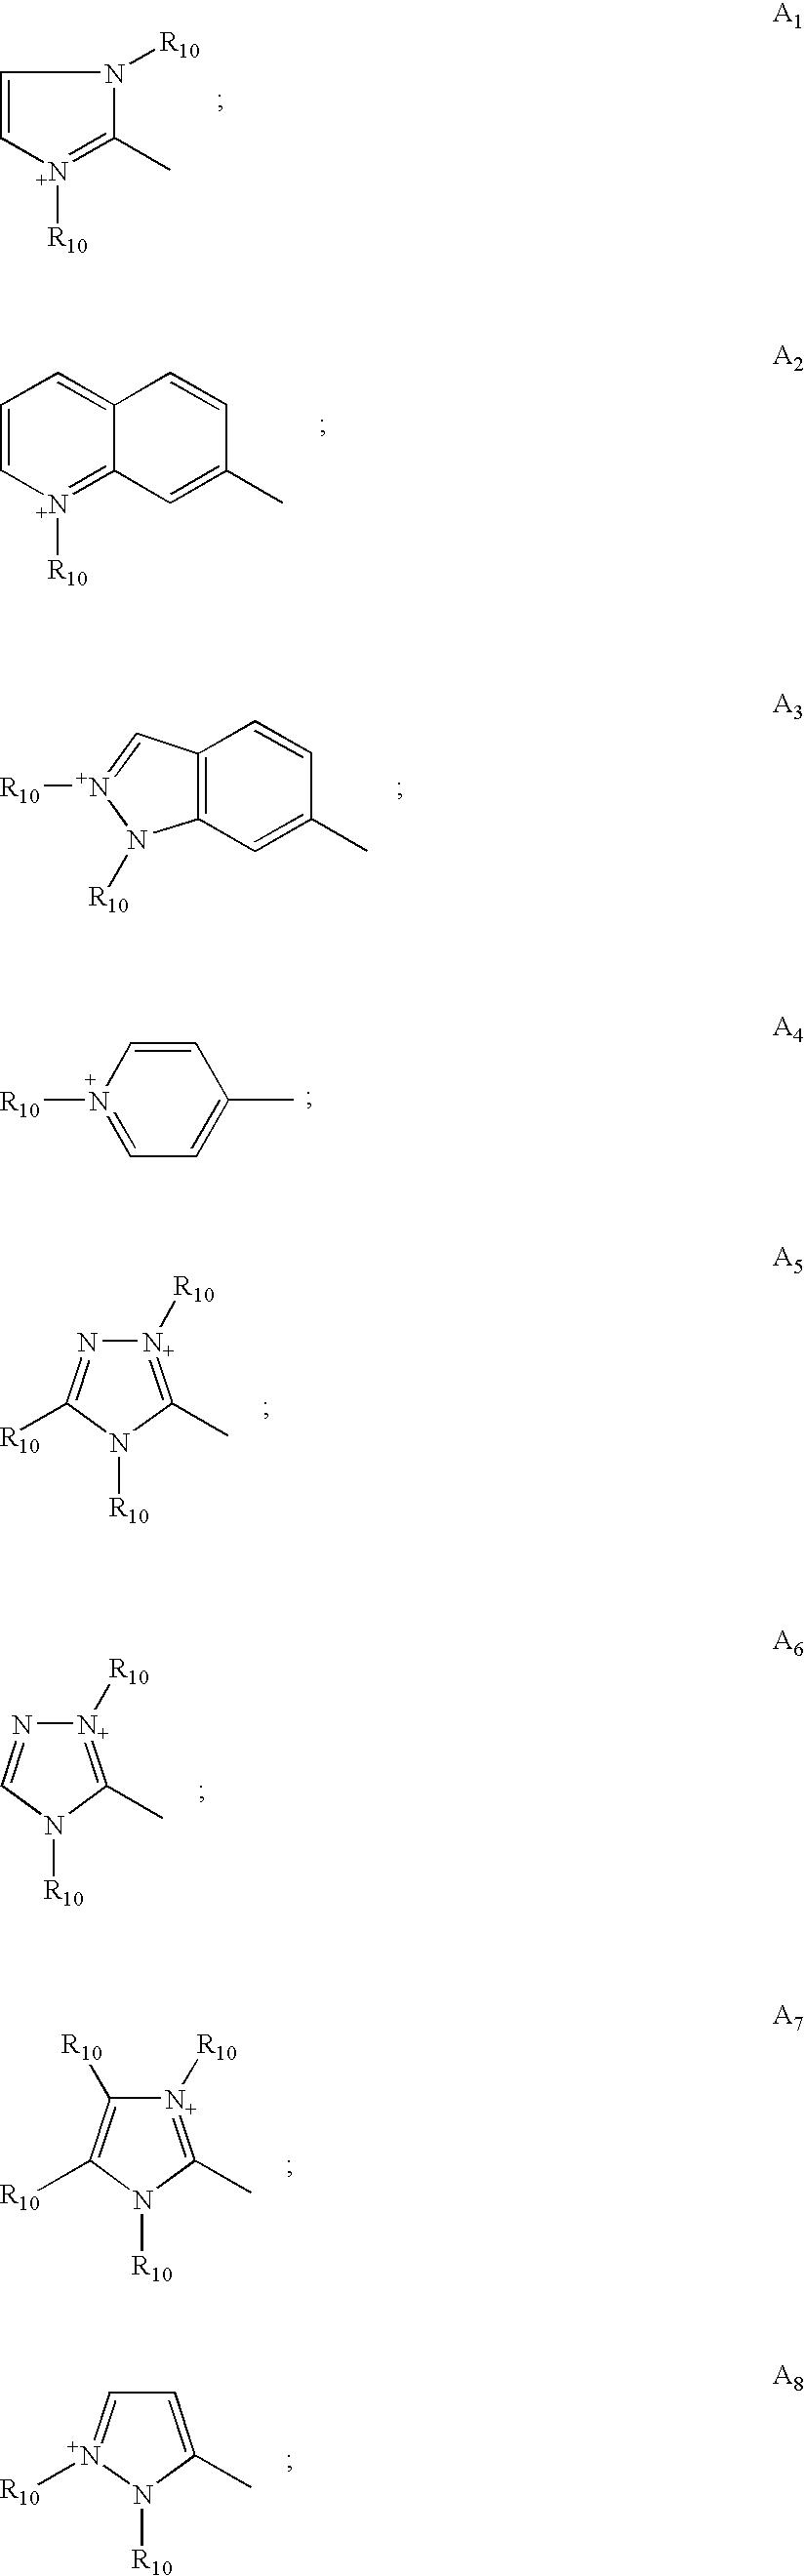 Figure US20040181883A1-20040923-C00010